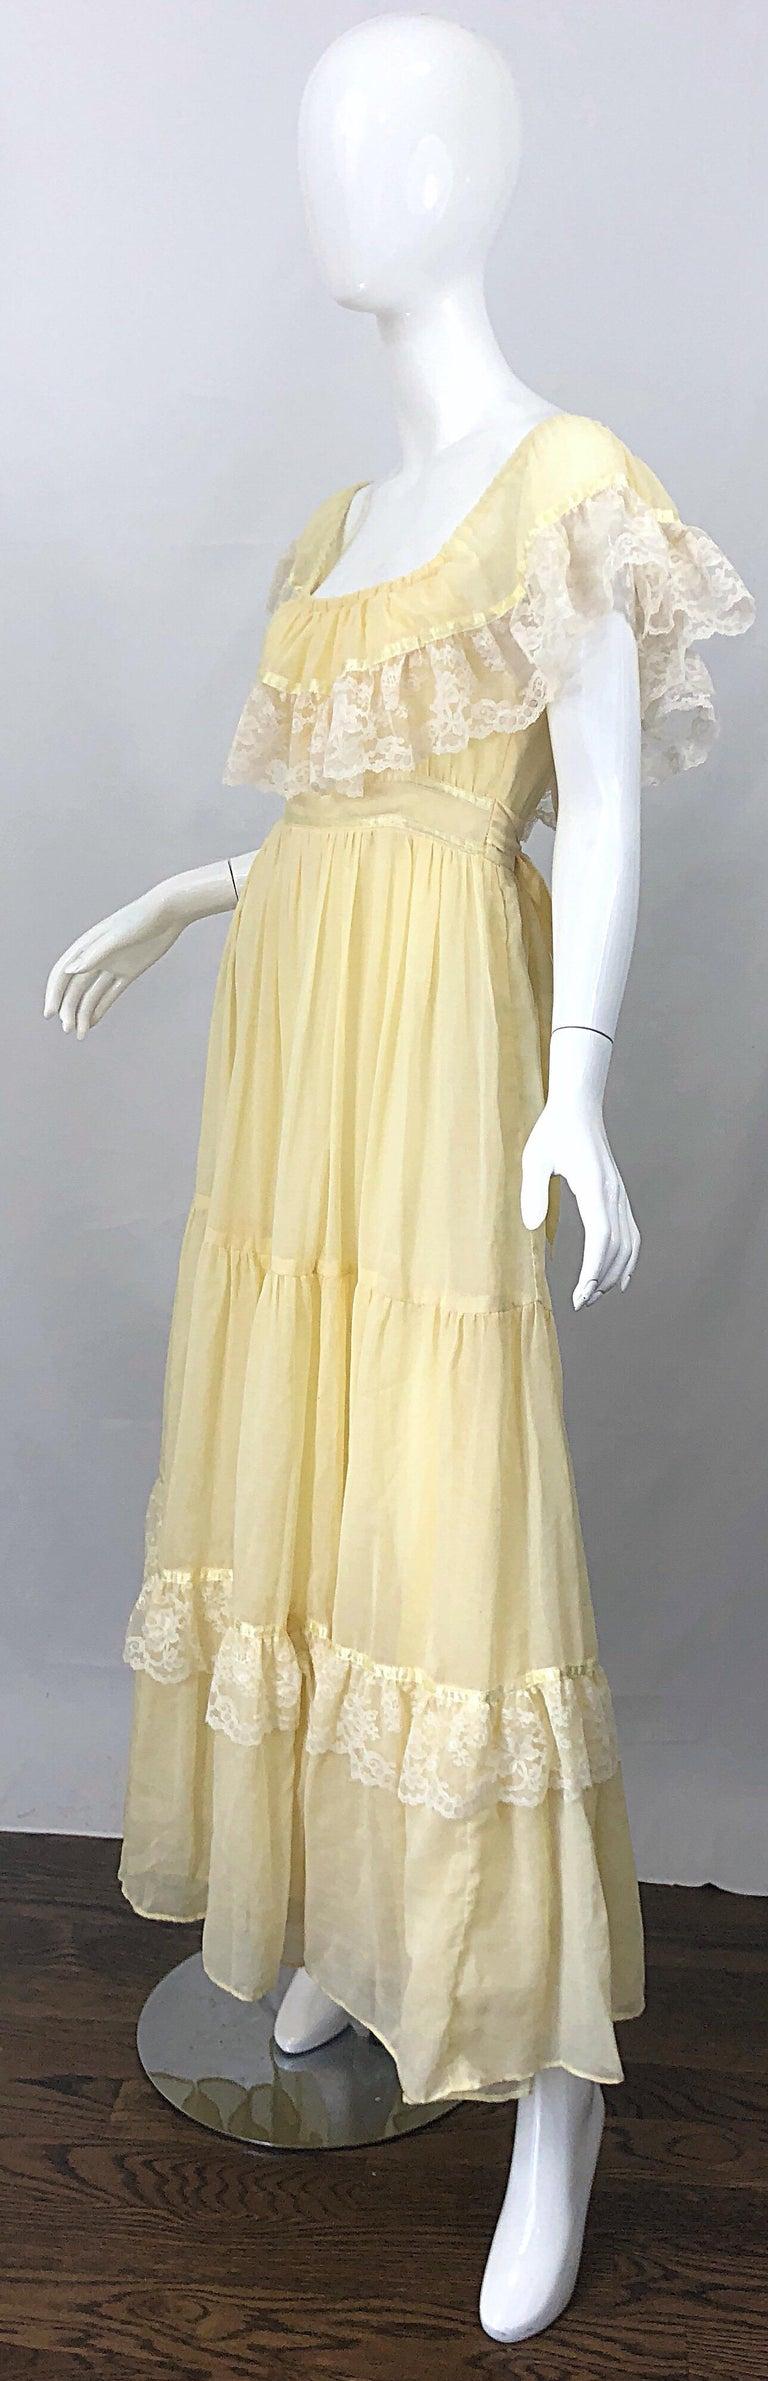 1970s Pale Light Yellow Cotton Voile + Lace Vintage Boho 70s Maxi Dress For Sale 7